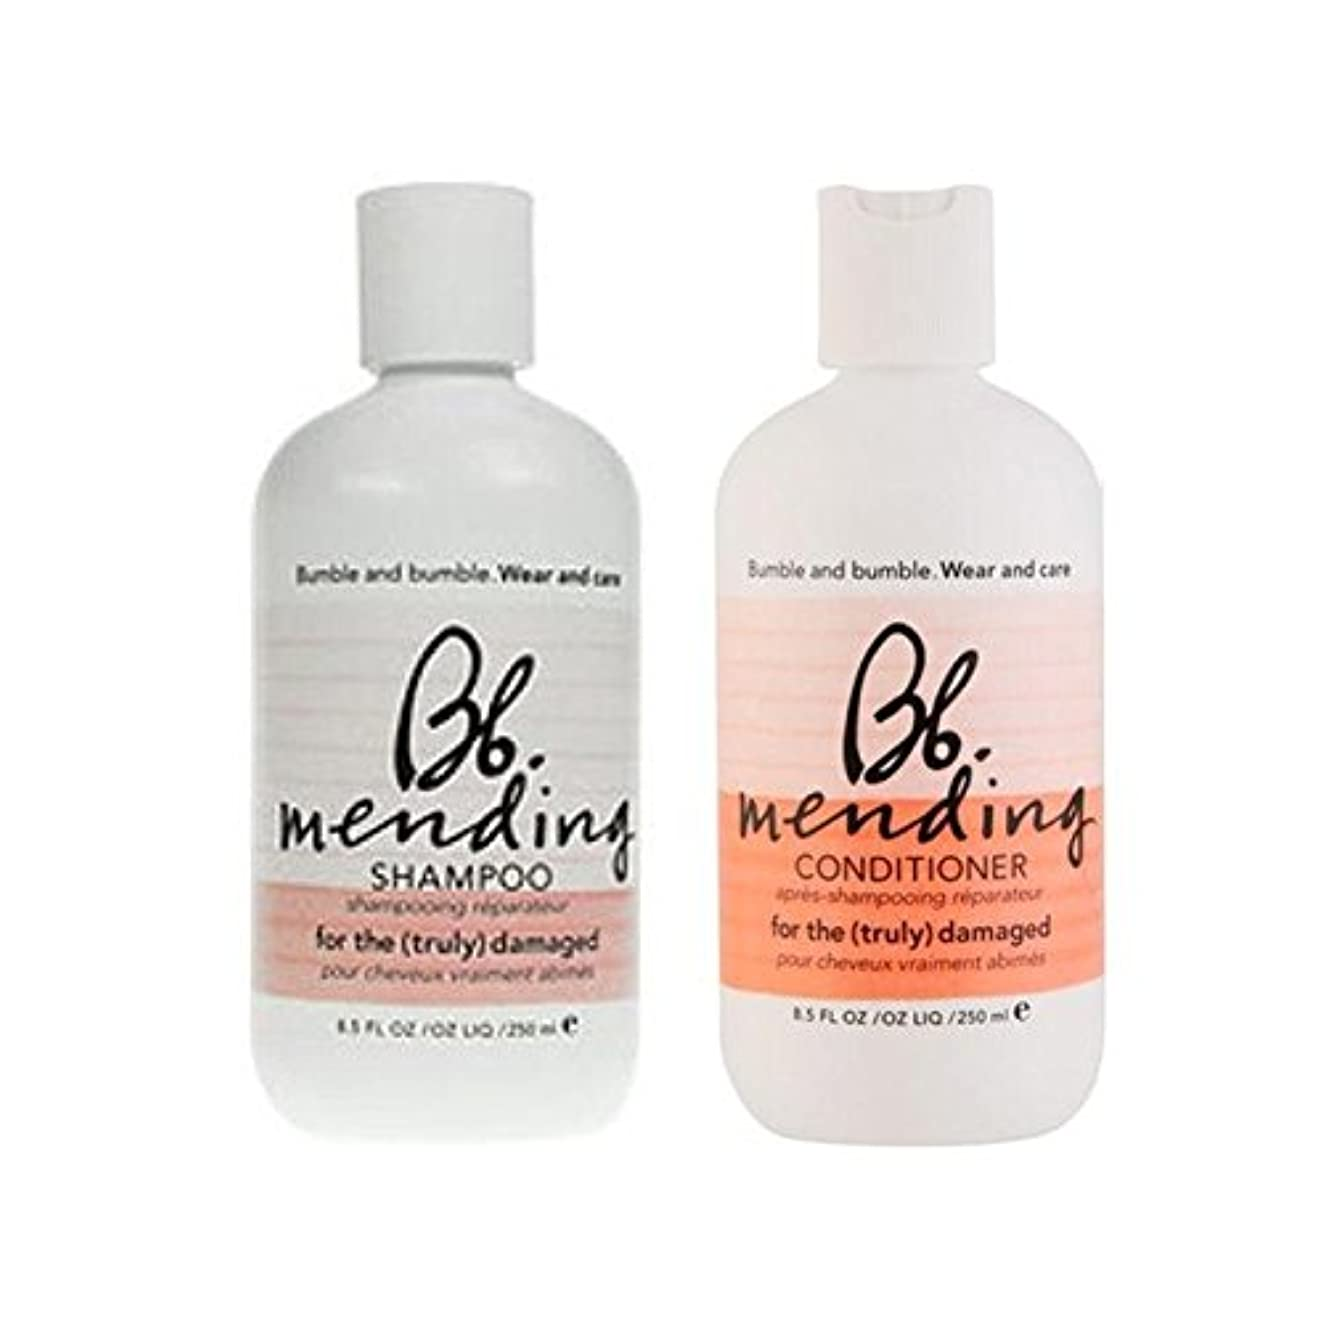 裕福なの間に試用着用し、-シャンプーとコンディショナーを補修ケア x2 - Bb Wear And Care Mending Duo- Shampoo And Conditioner (Pack of 2) [並行輸入品]